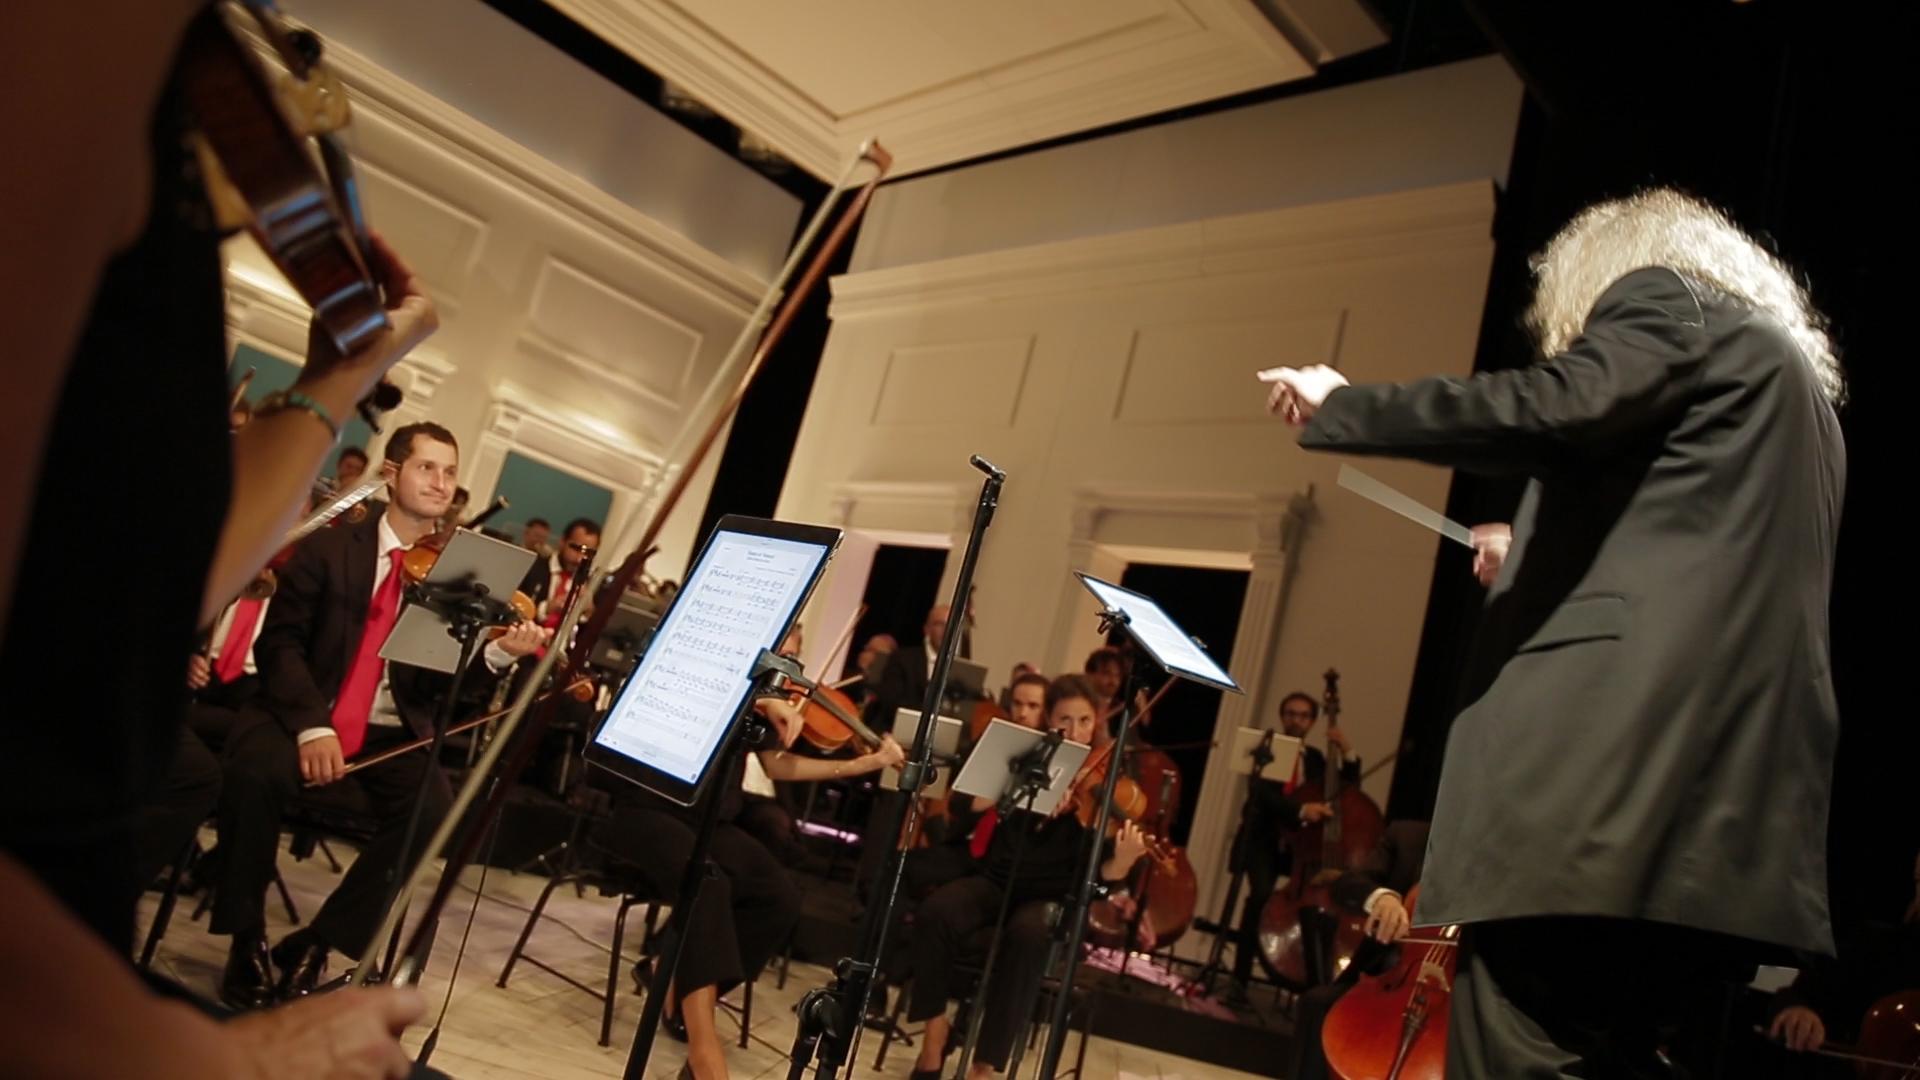 Yvan Cassar leads the Opéra de Rouen in a performance using Newzik